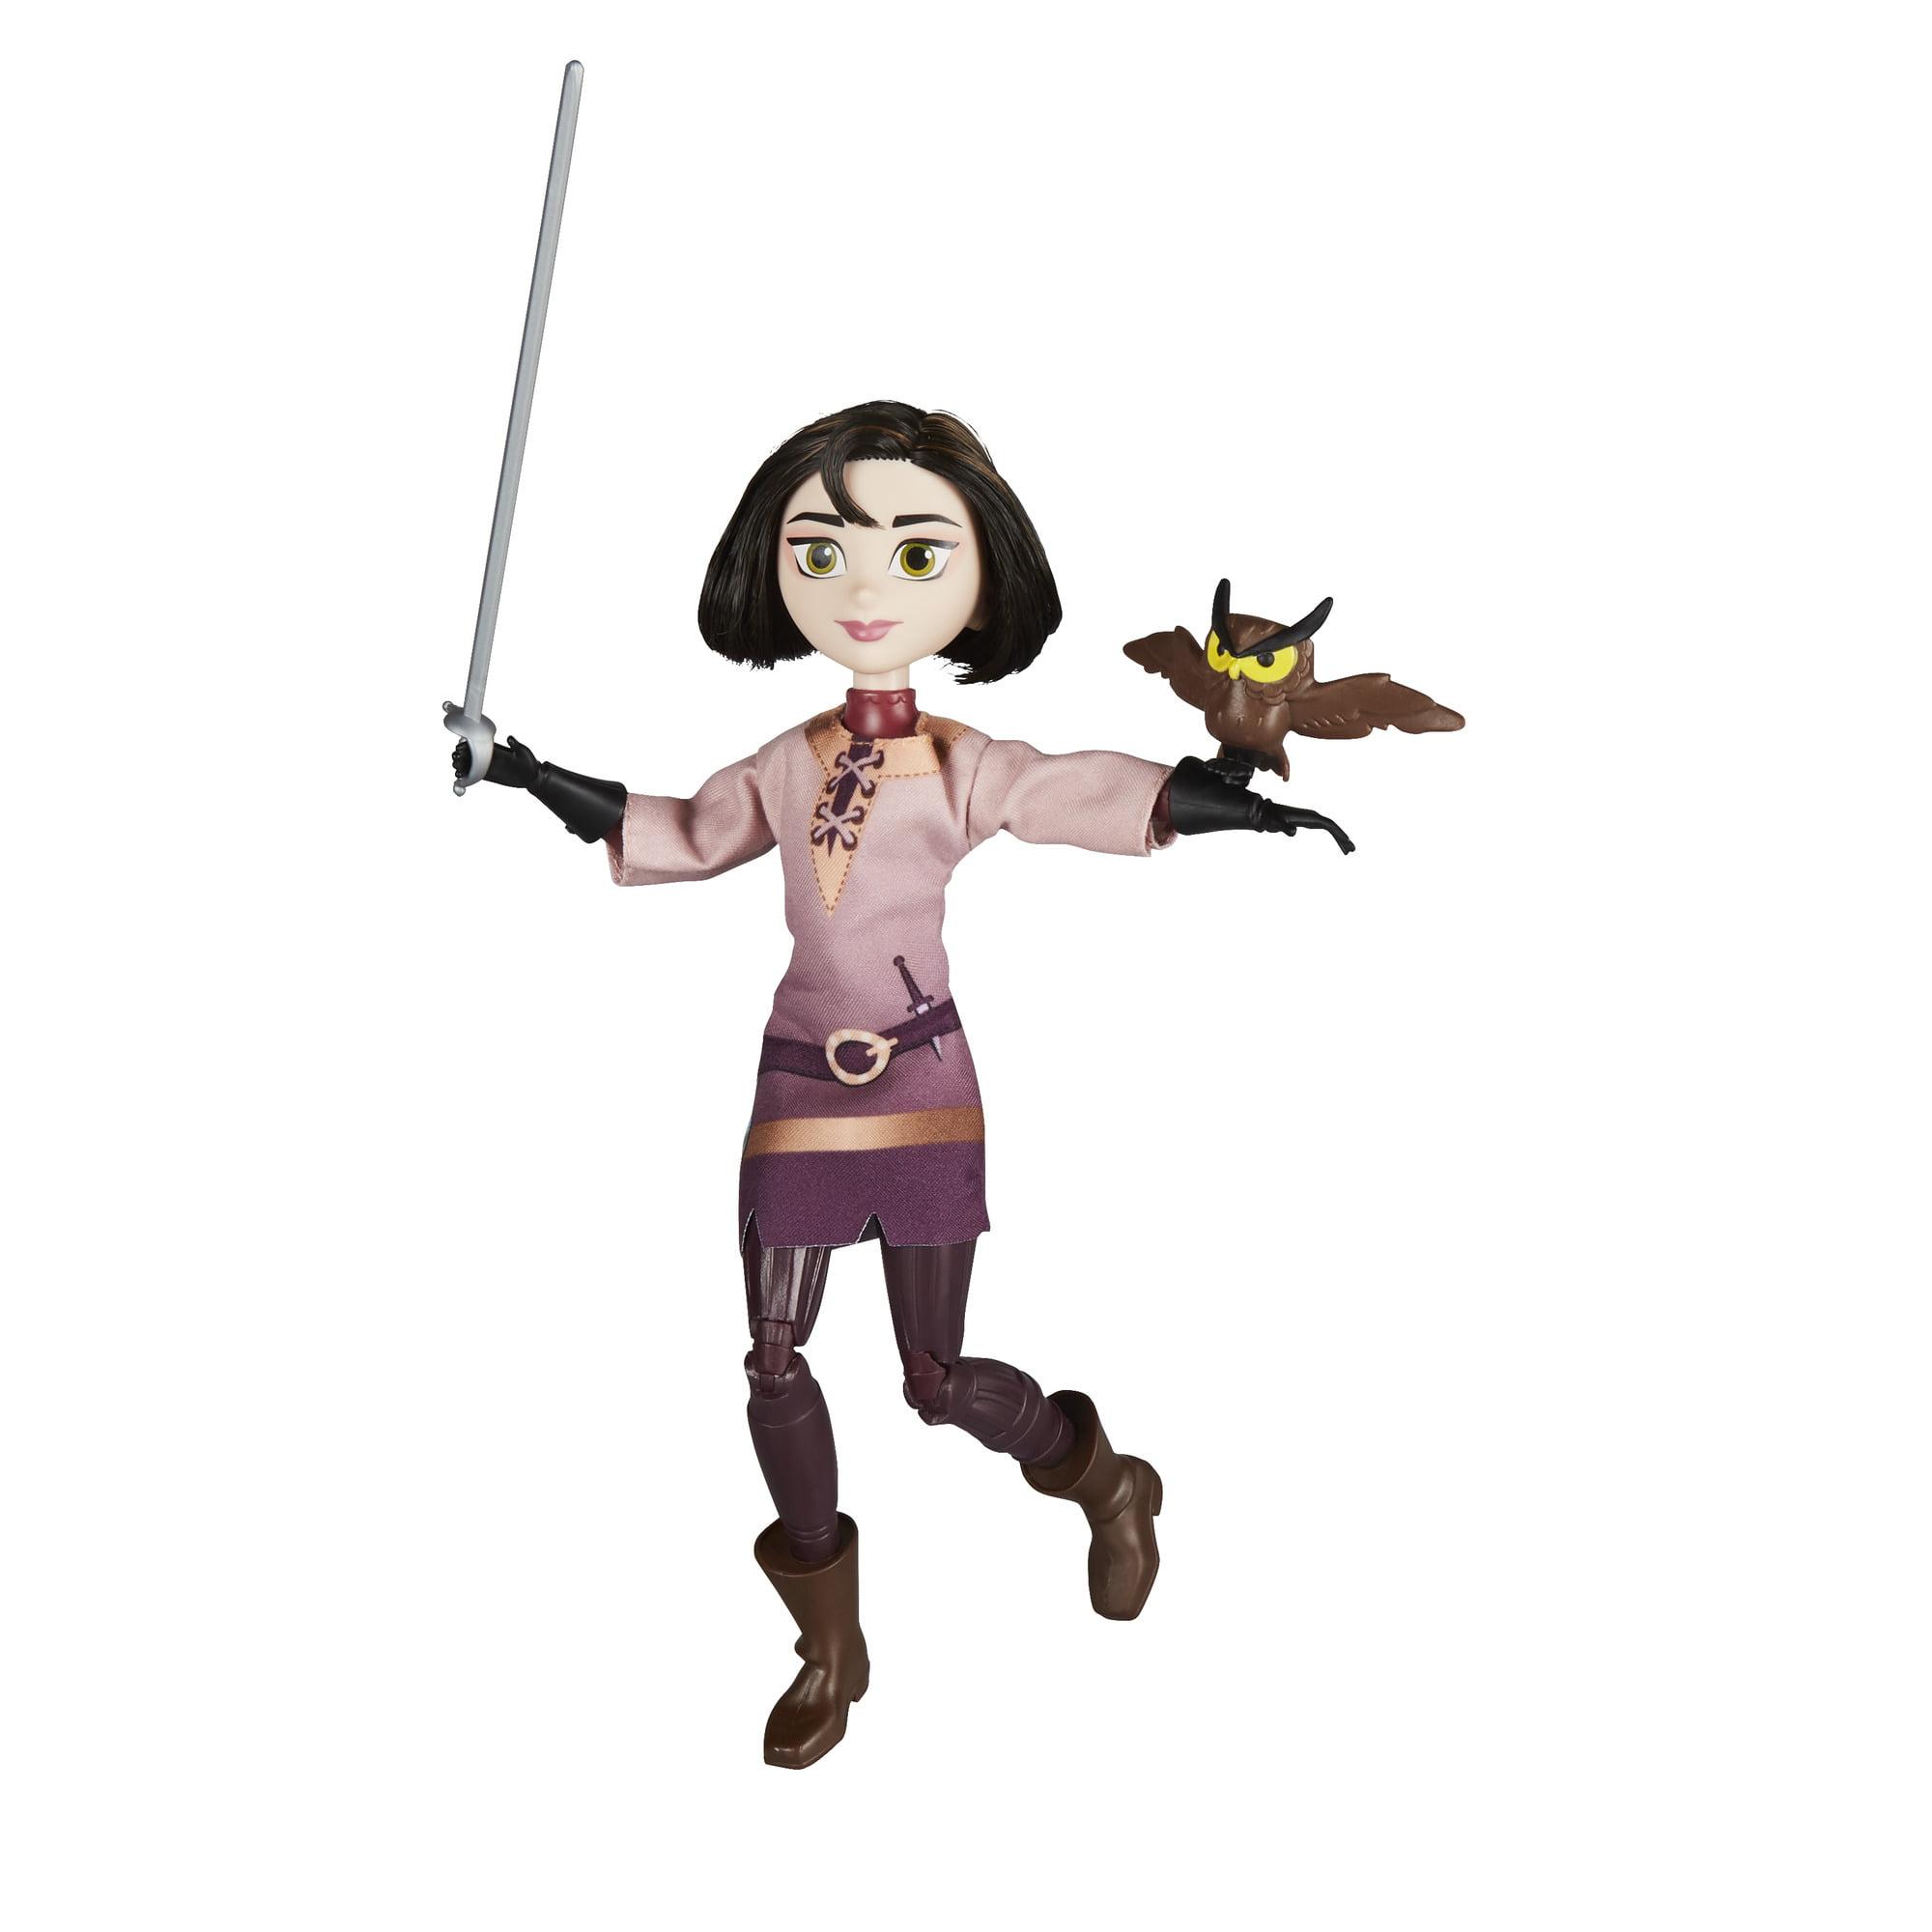 Disney Princess Tangled Cassandra & Owl Doll by Hasbro